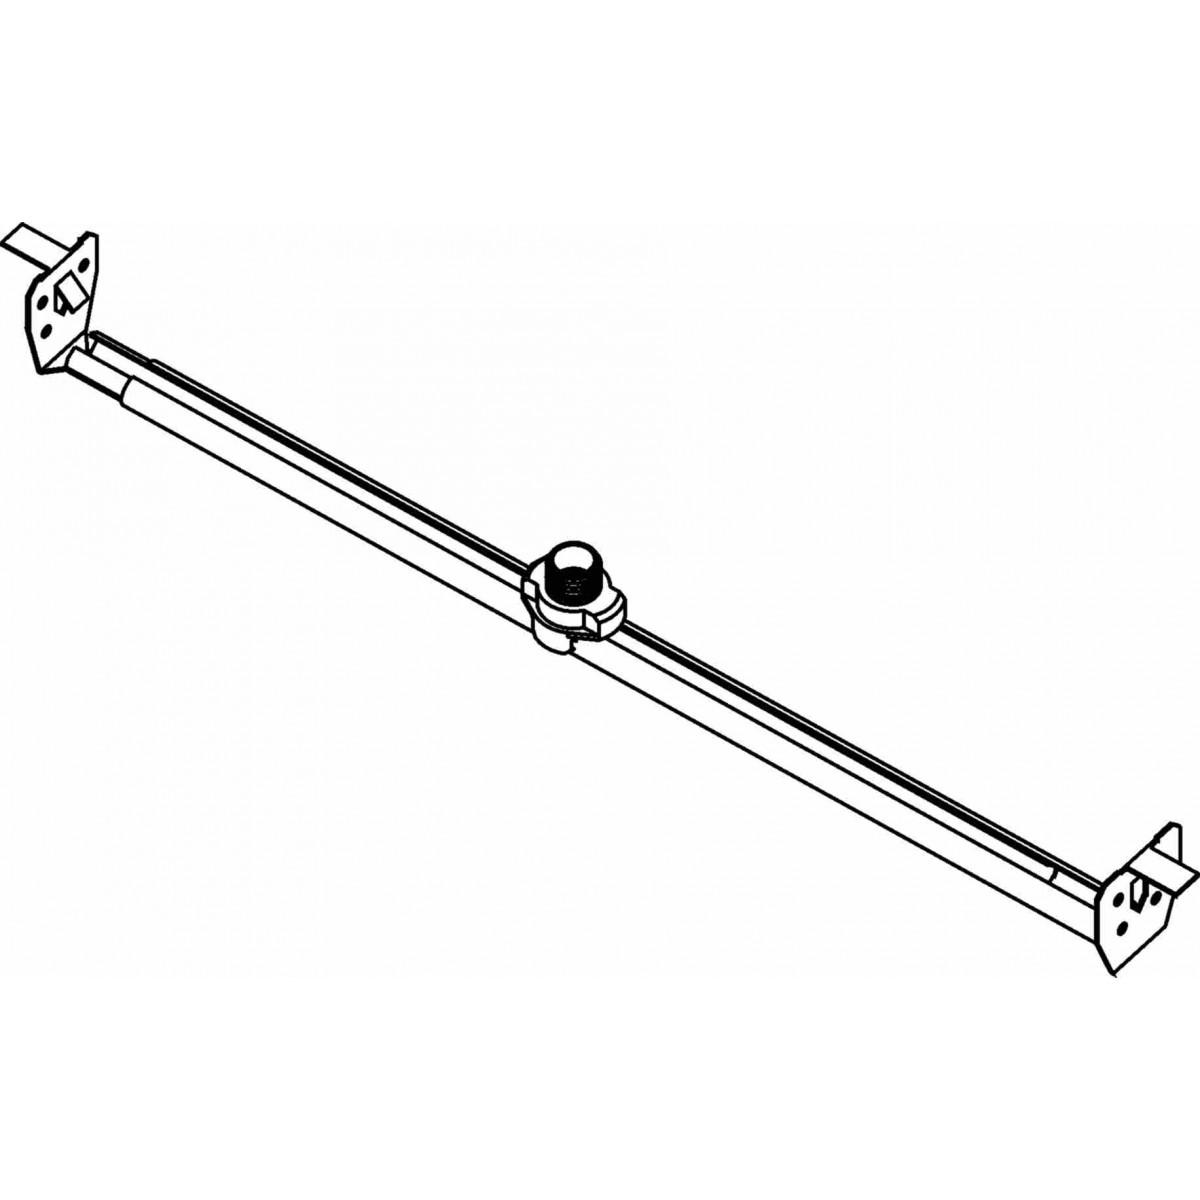 bha-1 - adjustable bar hangers